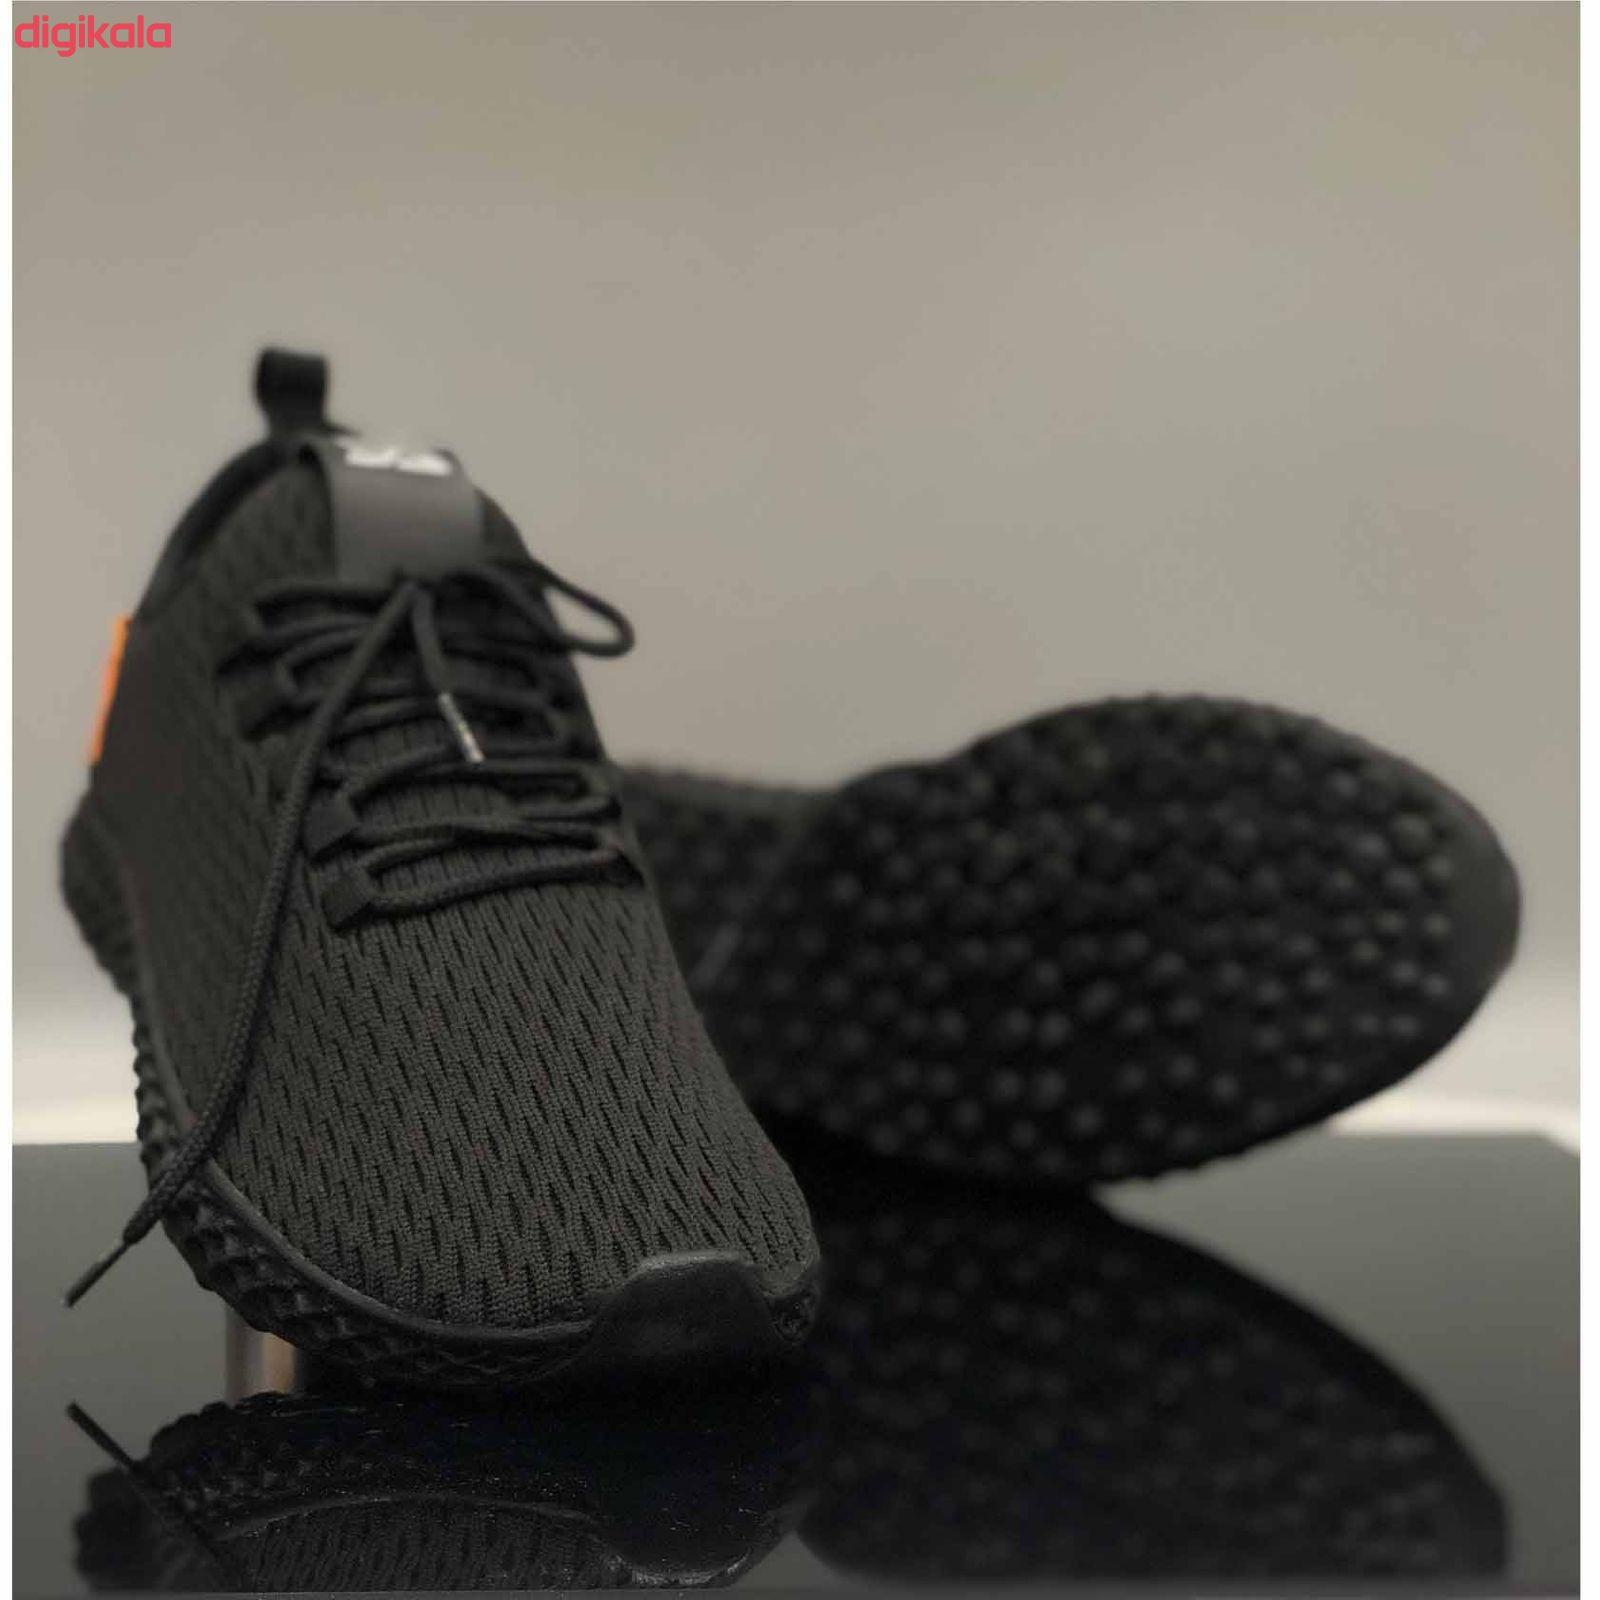 کفش مخصوص پیاده روی سعیدی کد Sa 304 main 1 5